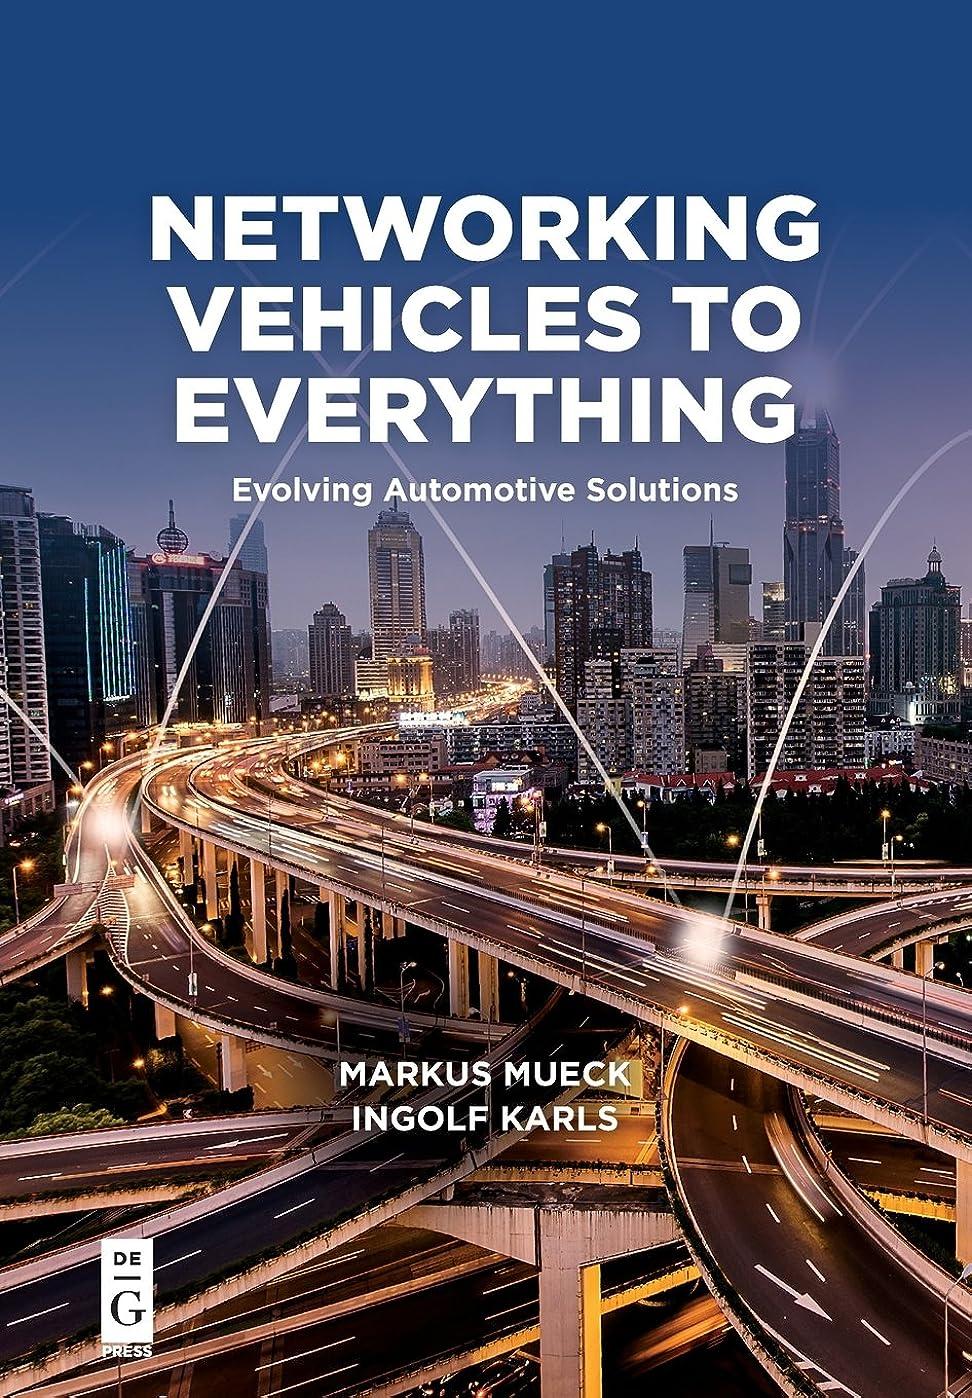 自発的ポーズ割り当てるNetworking Vehicles to Everything: Evolving Automotive Solutions